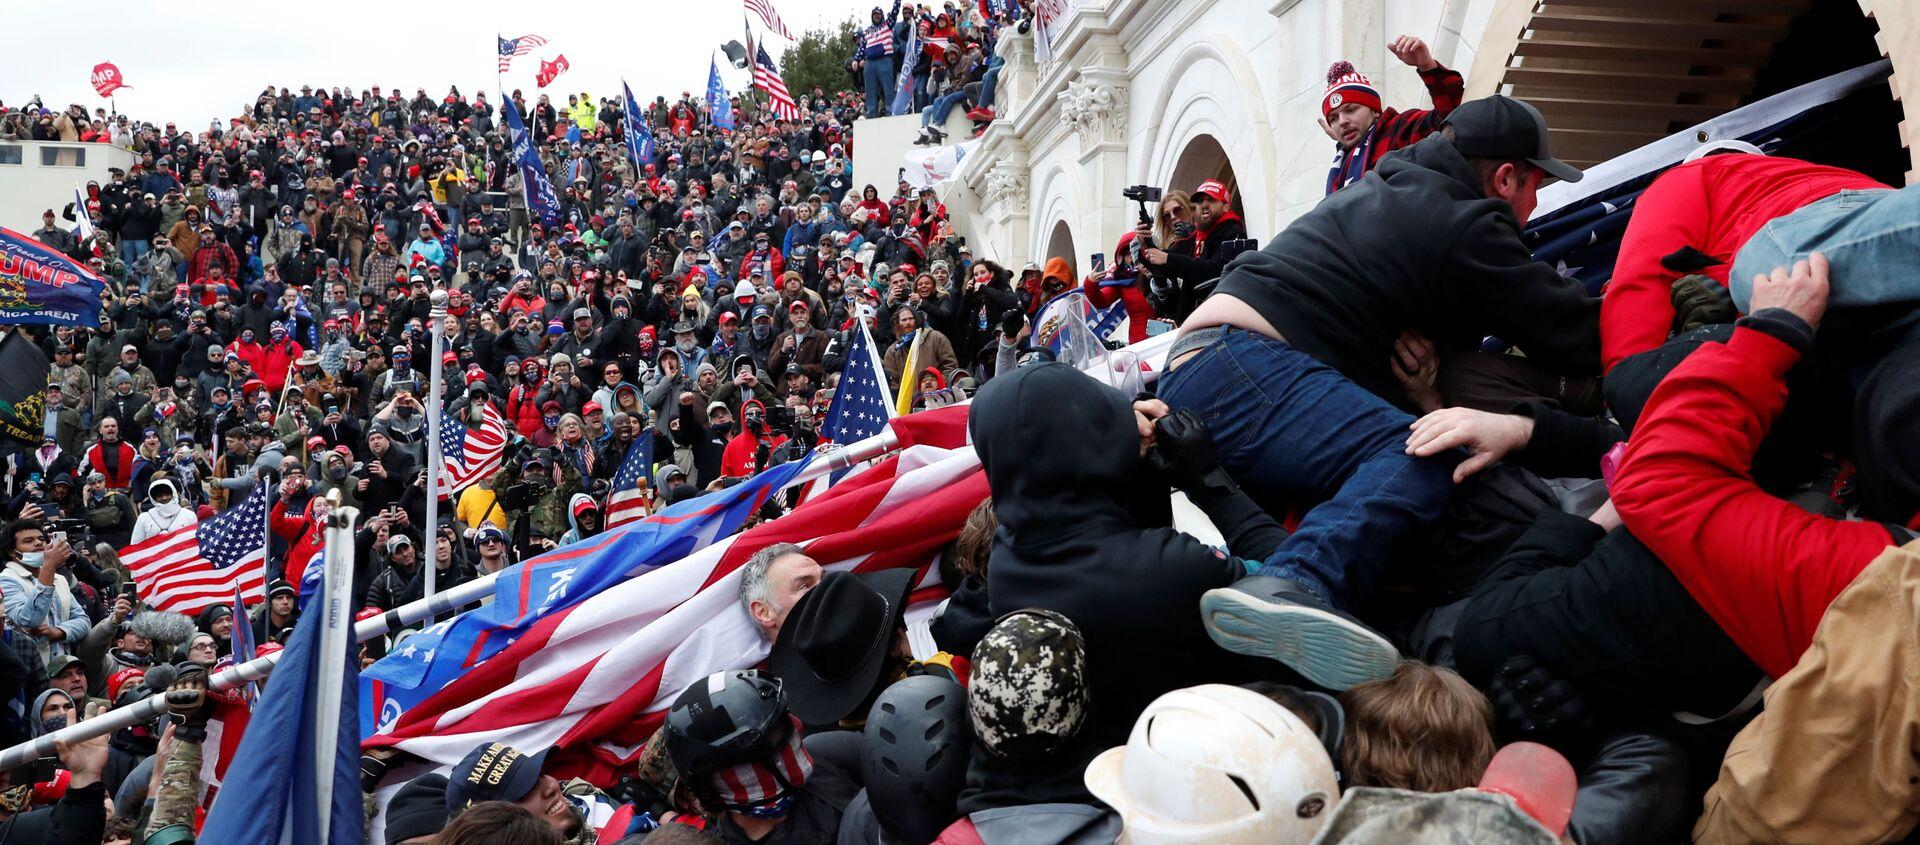 Protestujący zwolennicy obecnego prezydenta USA Donalda Trumpa przed Kapitolem w Waszyngtonie - Sputnik Polska, 1920, 14.01.2021